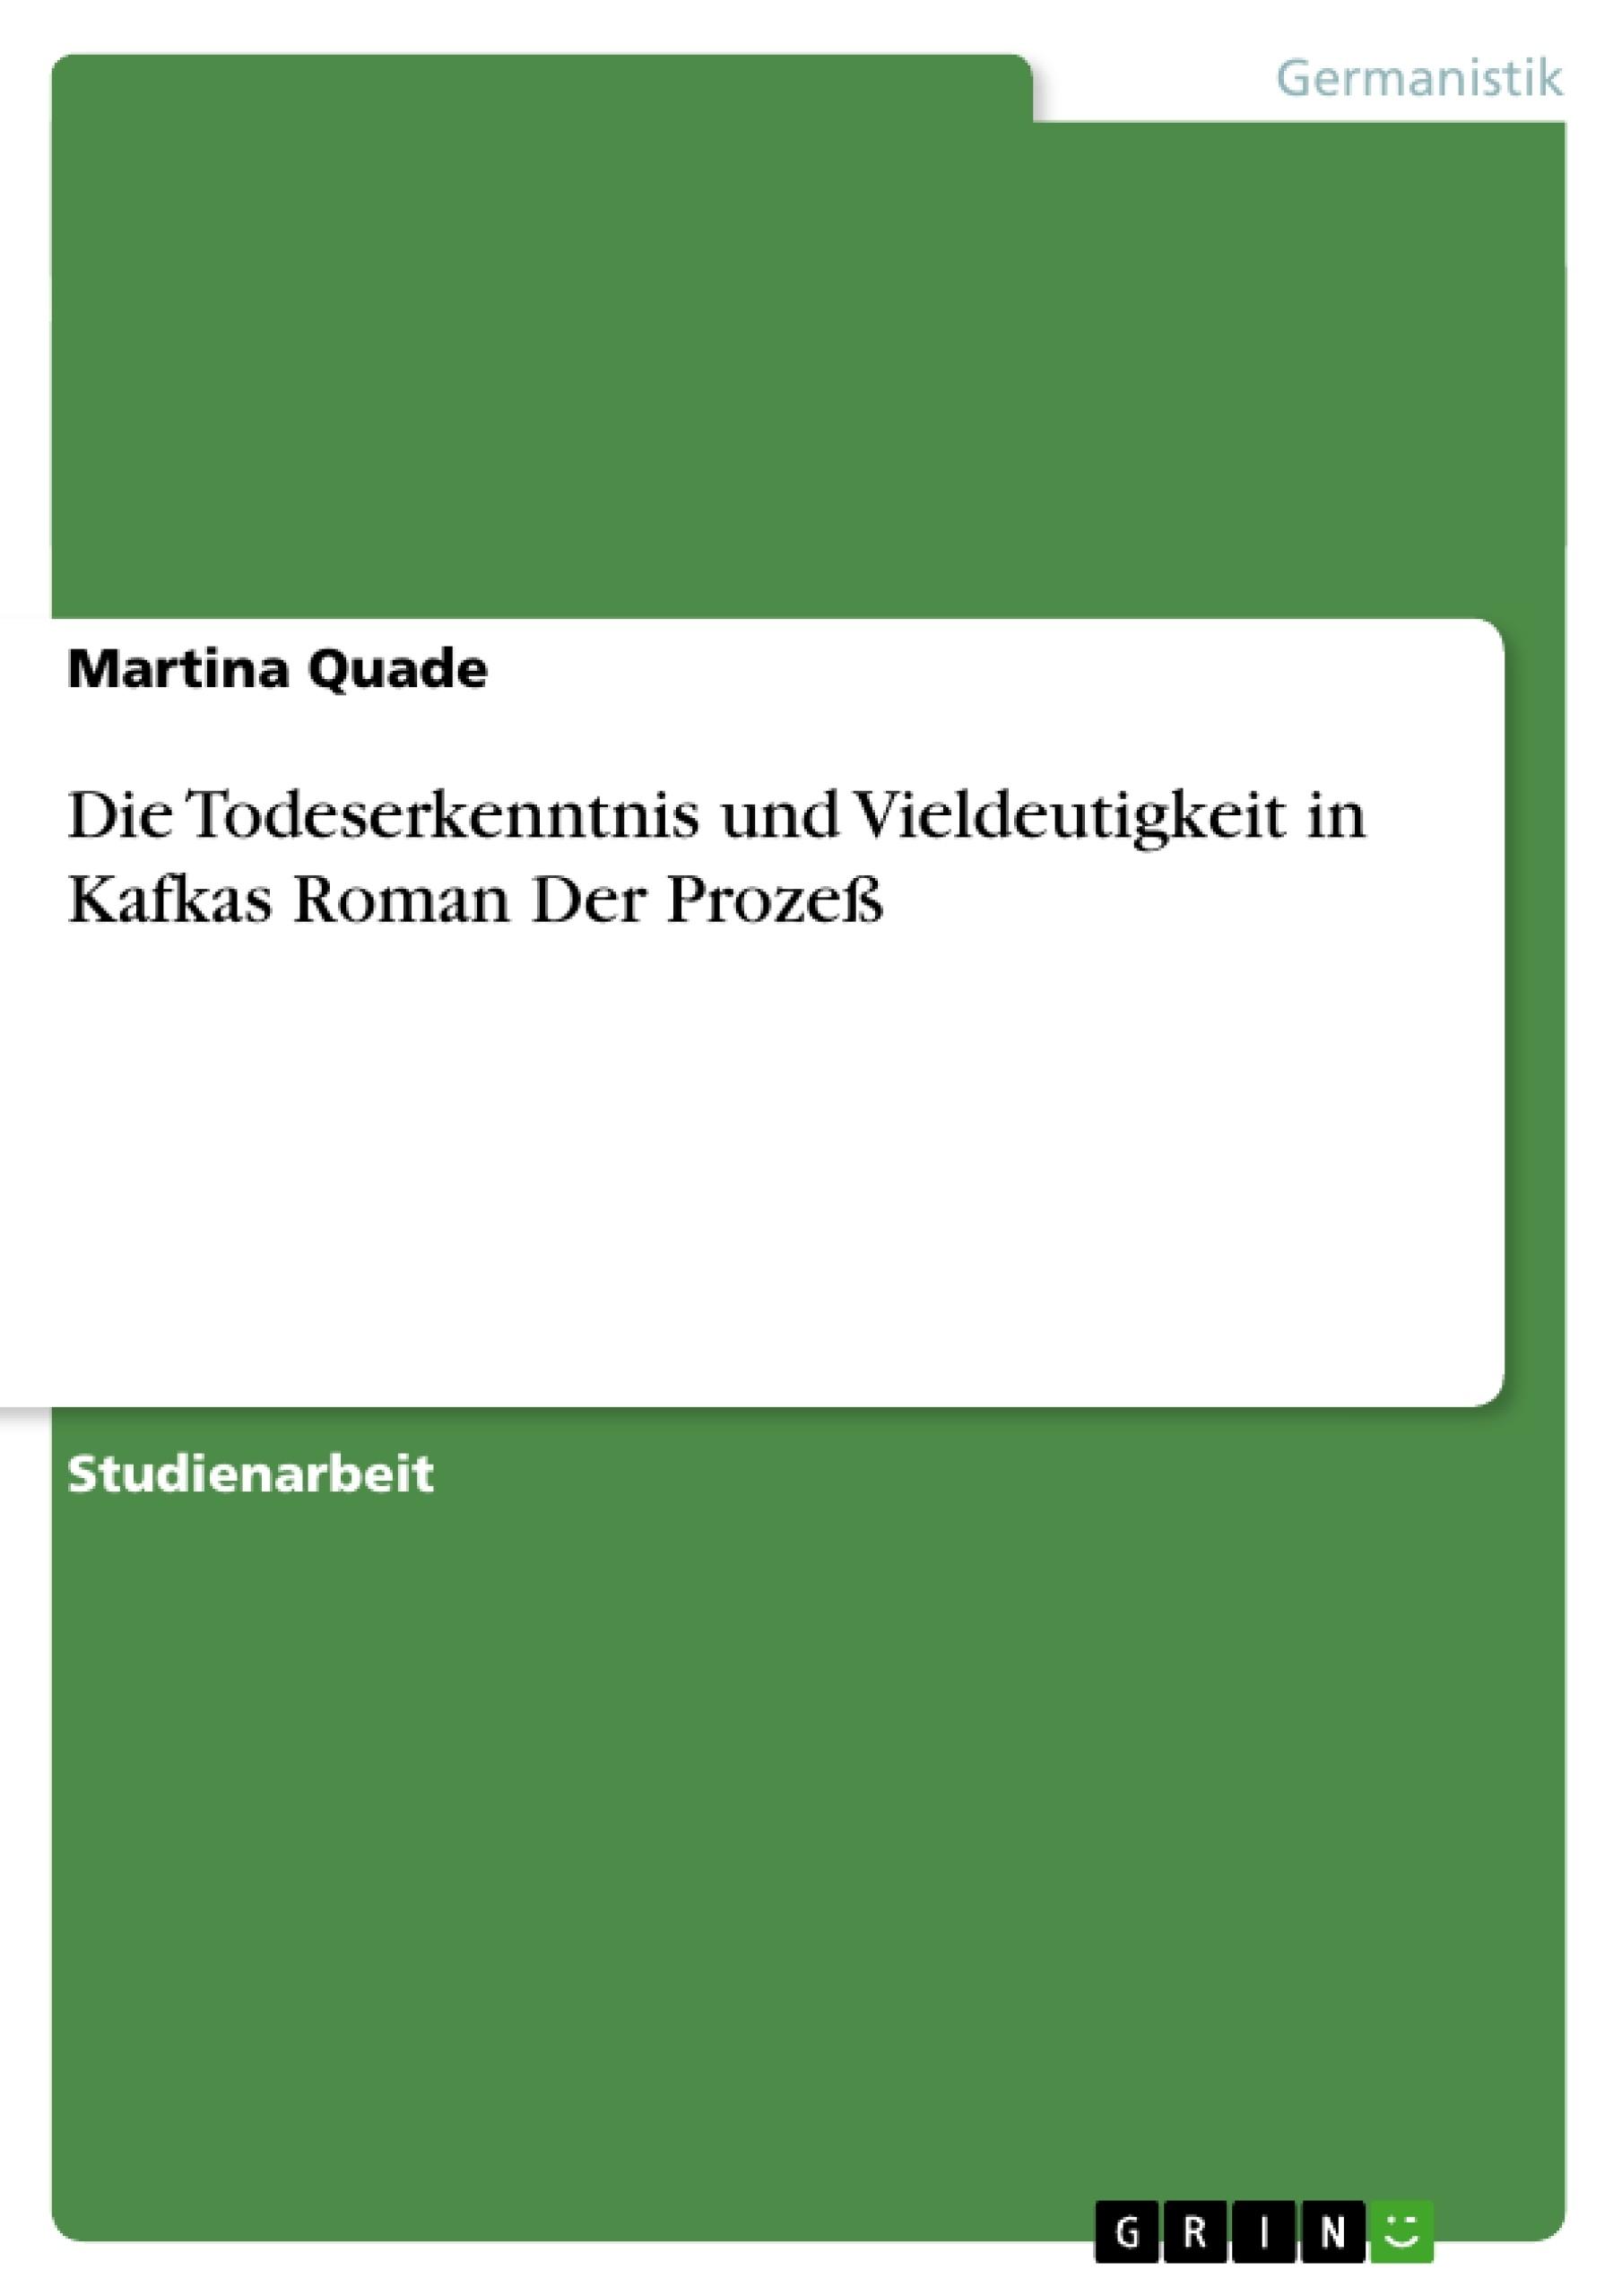 Titel: Die Todeserkenntnis und Vieldeutigkeit in Kafkas Roman Der Prozeß